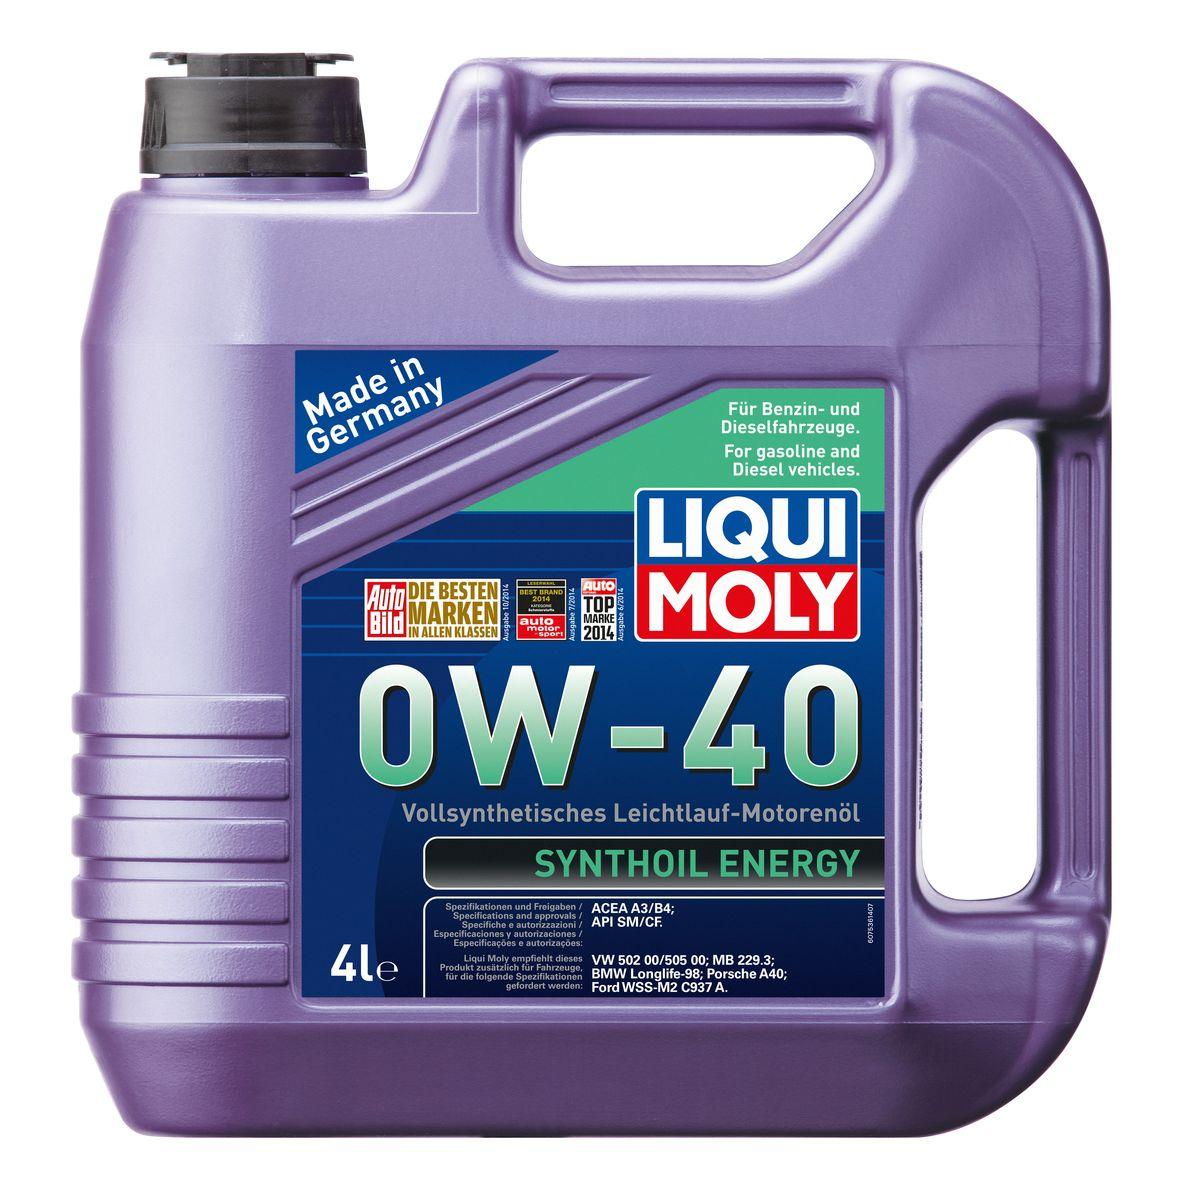 Масло моторное Liqui Moly Synthoil Energy, синтетическое, 0W-40, 4 л7536Масло моторное Liqui Moly Synthoil Energy - 100% синтетическое универсальное моторное масло на базе полиальфаолефинов (ПАО) для большинства автомобилей, для которых требования к маслам опираются на международные классификации API и ACEA. Класс вязкости 0W-40 моторного масла на ПАО-базе оптимален для эксплуатации в холодных условиях, обеспечивая уверенный пуск двигателя даже в сильный мороз и высокий уровень защиты.Использование современных полностью синтетических базовых масел (ПАО) и передовых технологий в области разработок присадок гарантирует низкую вязкость масла при низких температурах, высокую надежность масляной пленки. Моторные масла линейки Synthoil предотвращают образование отложений в двигателе, снижают трение и надежно защищают от износа.Особенности:- Отличные пусковые свойства в мороз - Быстрое поступление масла ко всем деталям двигателя при низких температурах - Высокая смазывающая способность - Замечательная термоокислительная стабильность и устойчивость к старению - Оптимальная чистота двигателя - Протестировано и совместимо с катализаторами и турбонаддувом - Высокая стабильность при высоких температурах - Очень низкий расход маслаДопуск:-API: CF/SM -ACEA: A3/B4